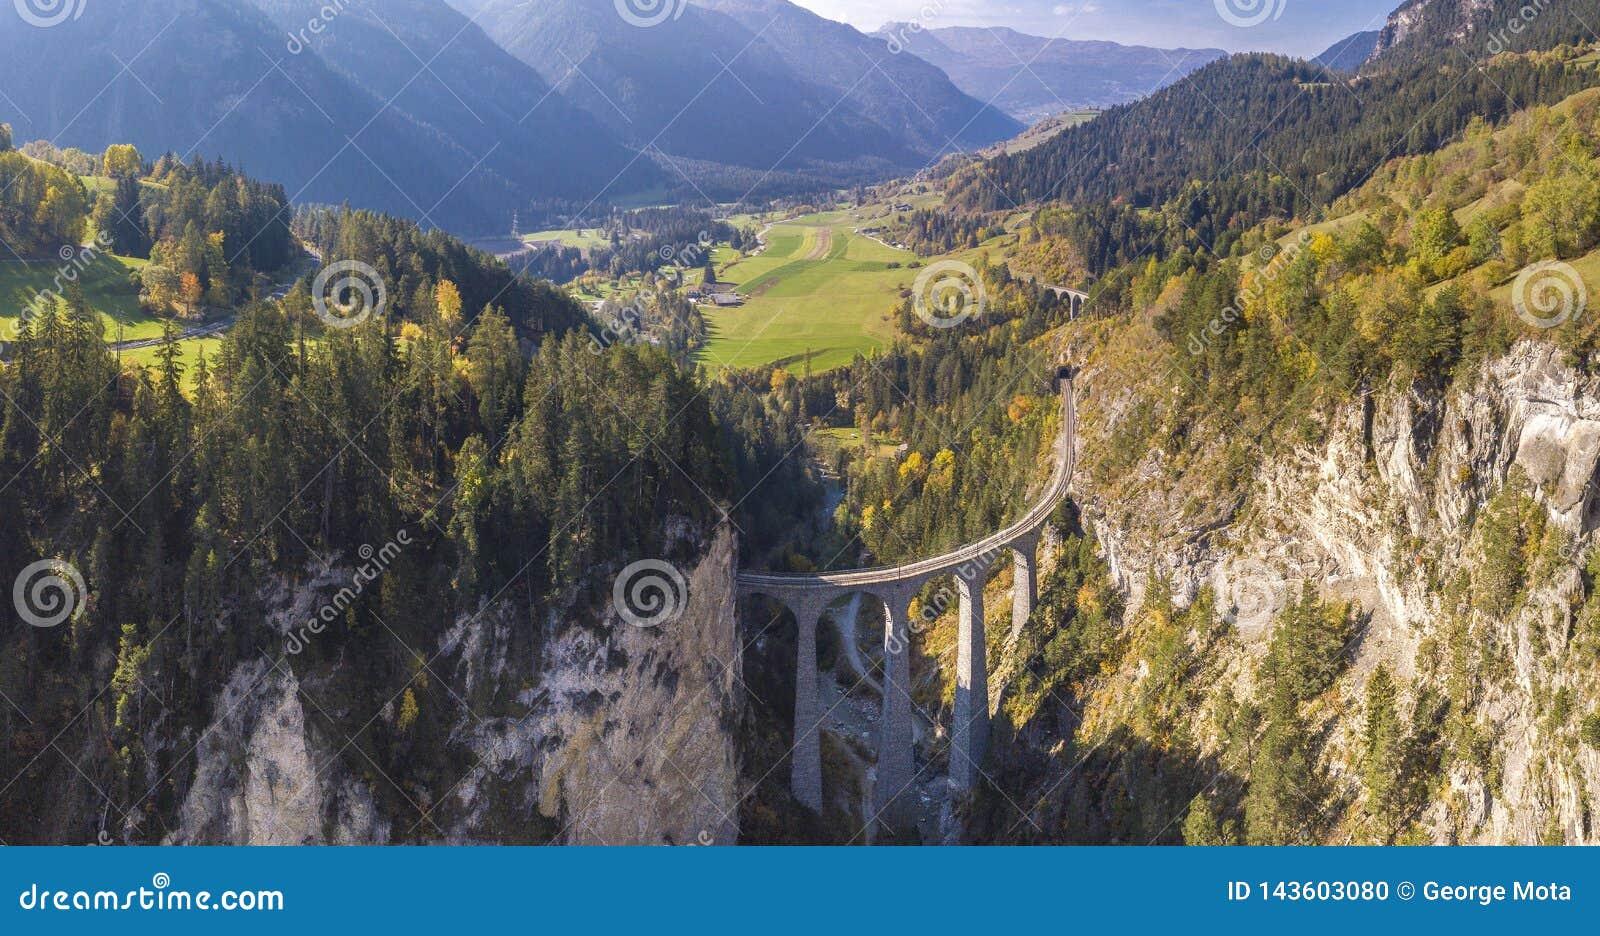 Beautiful Landwasser Viaduct in Switzerland aerial view